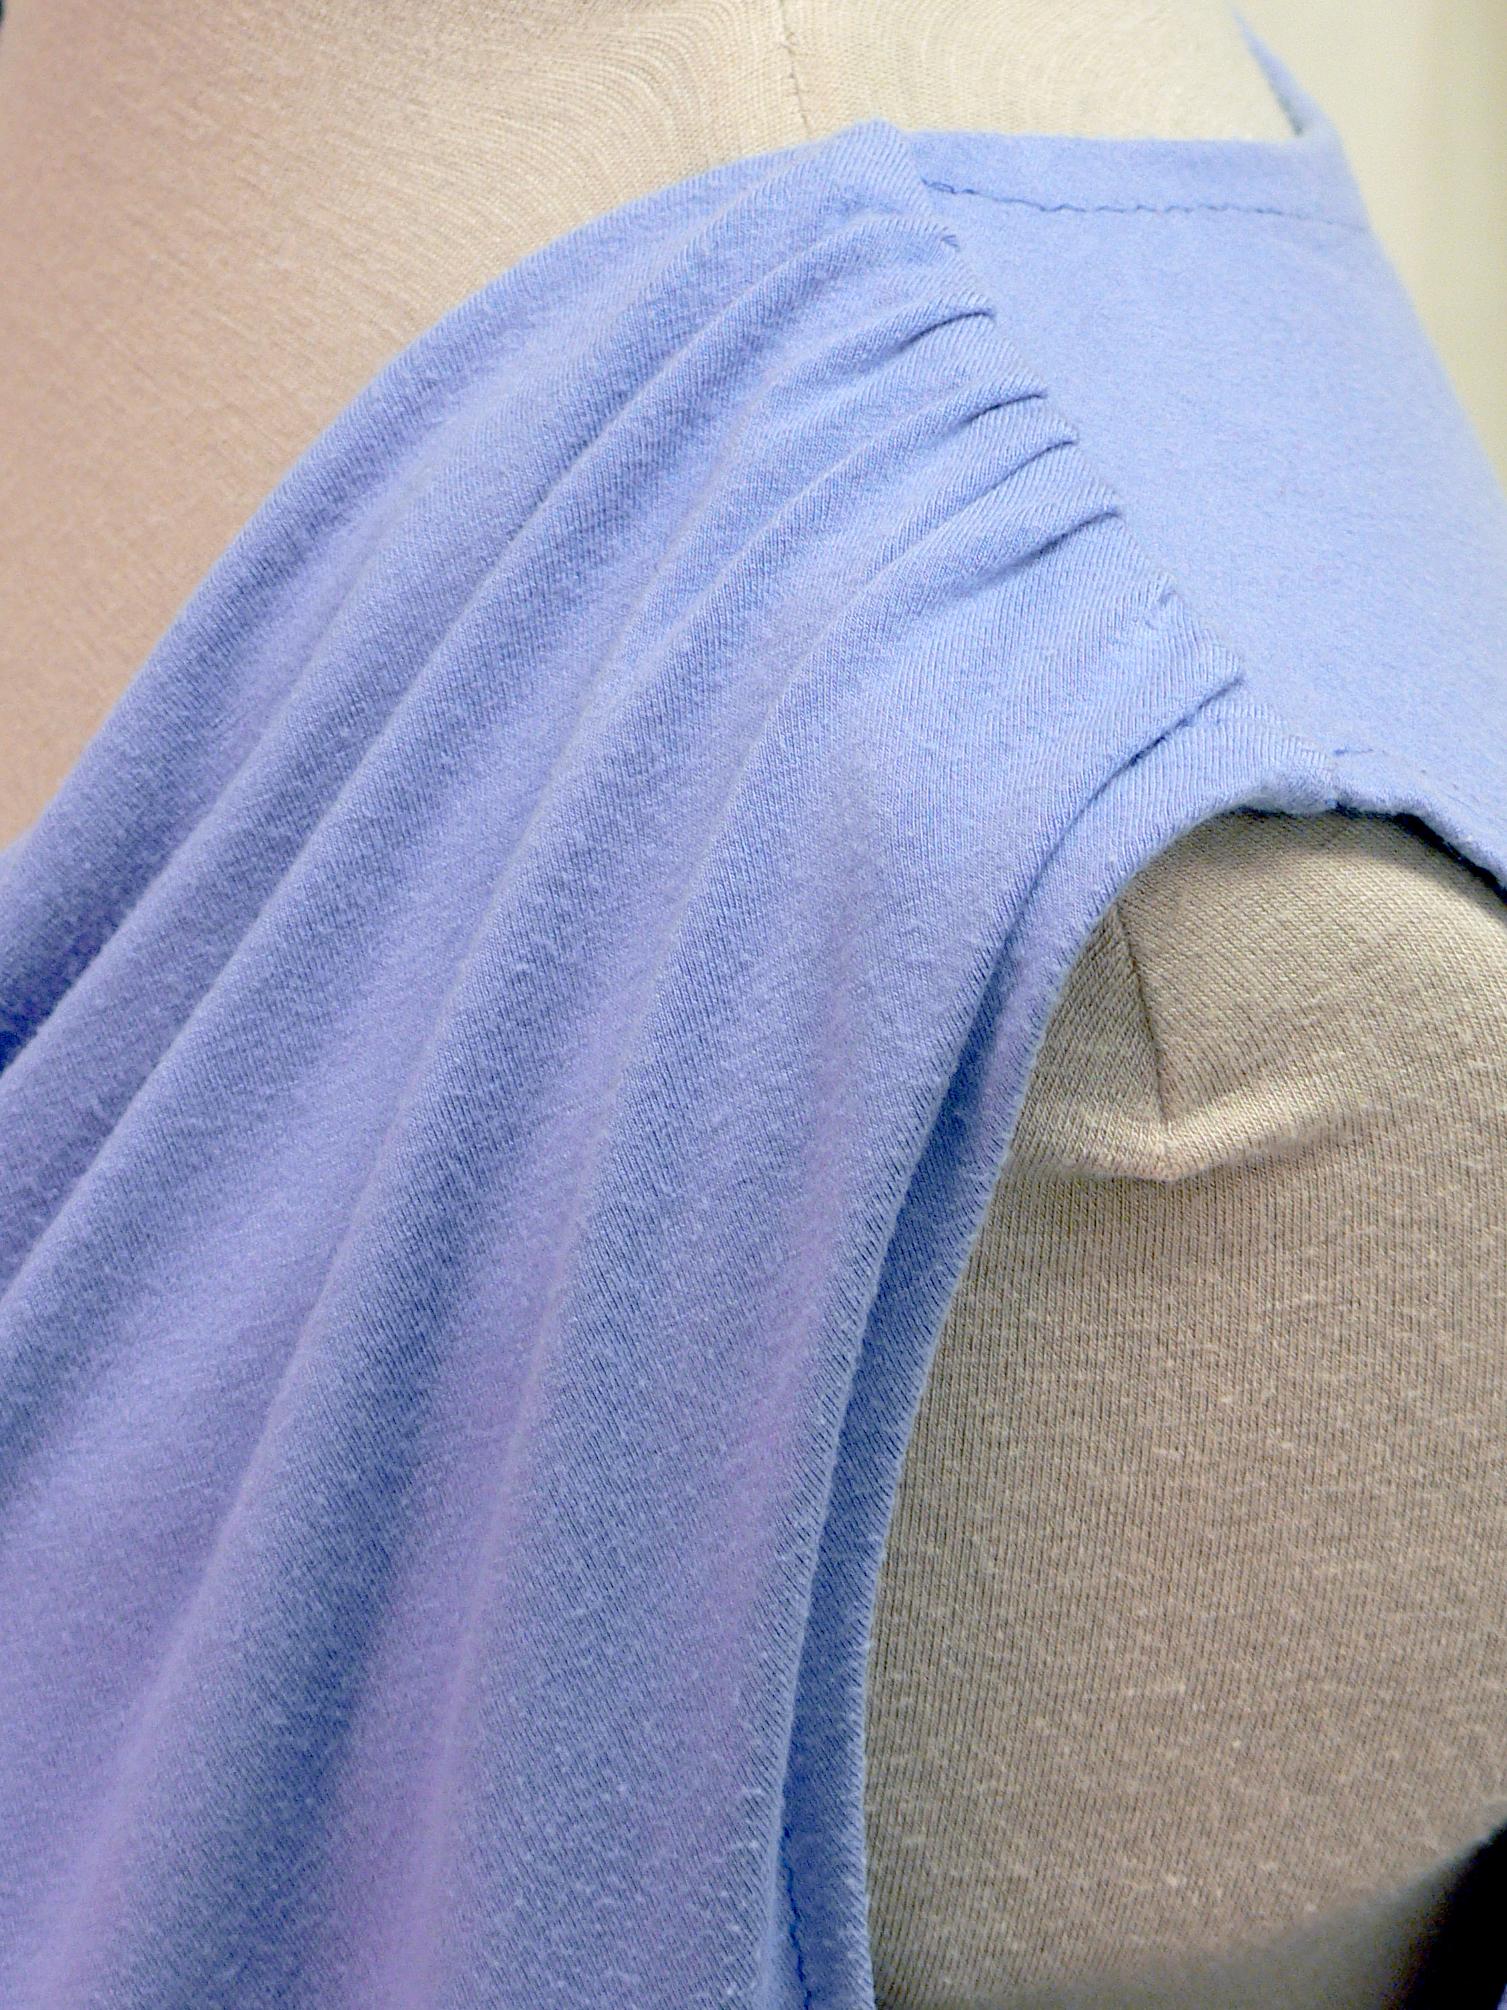 blouse09_shoulder_detail.jpg